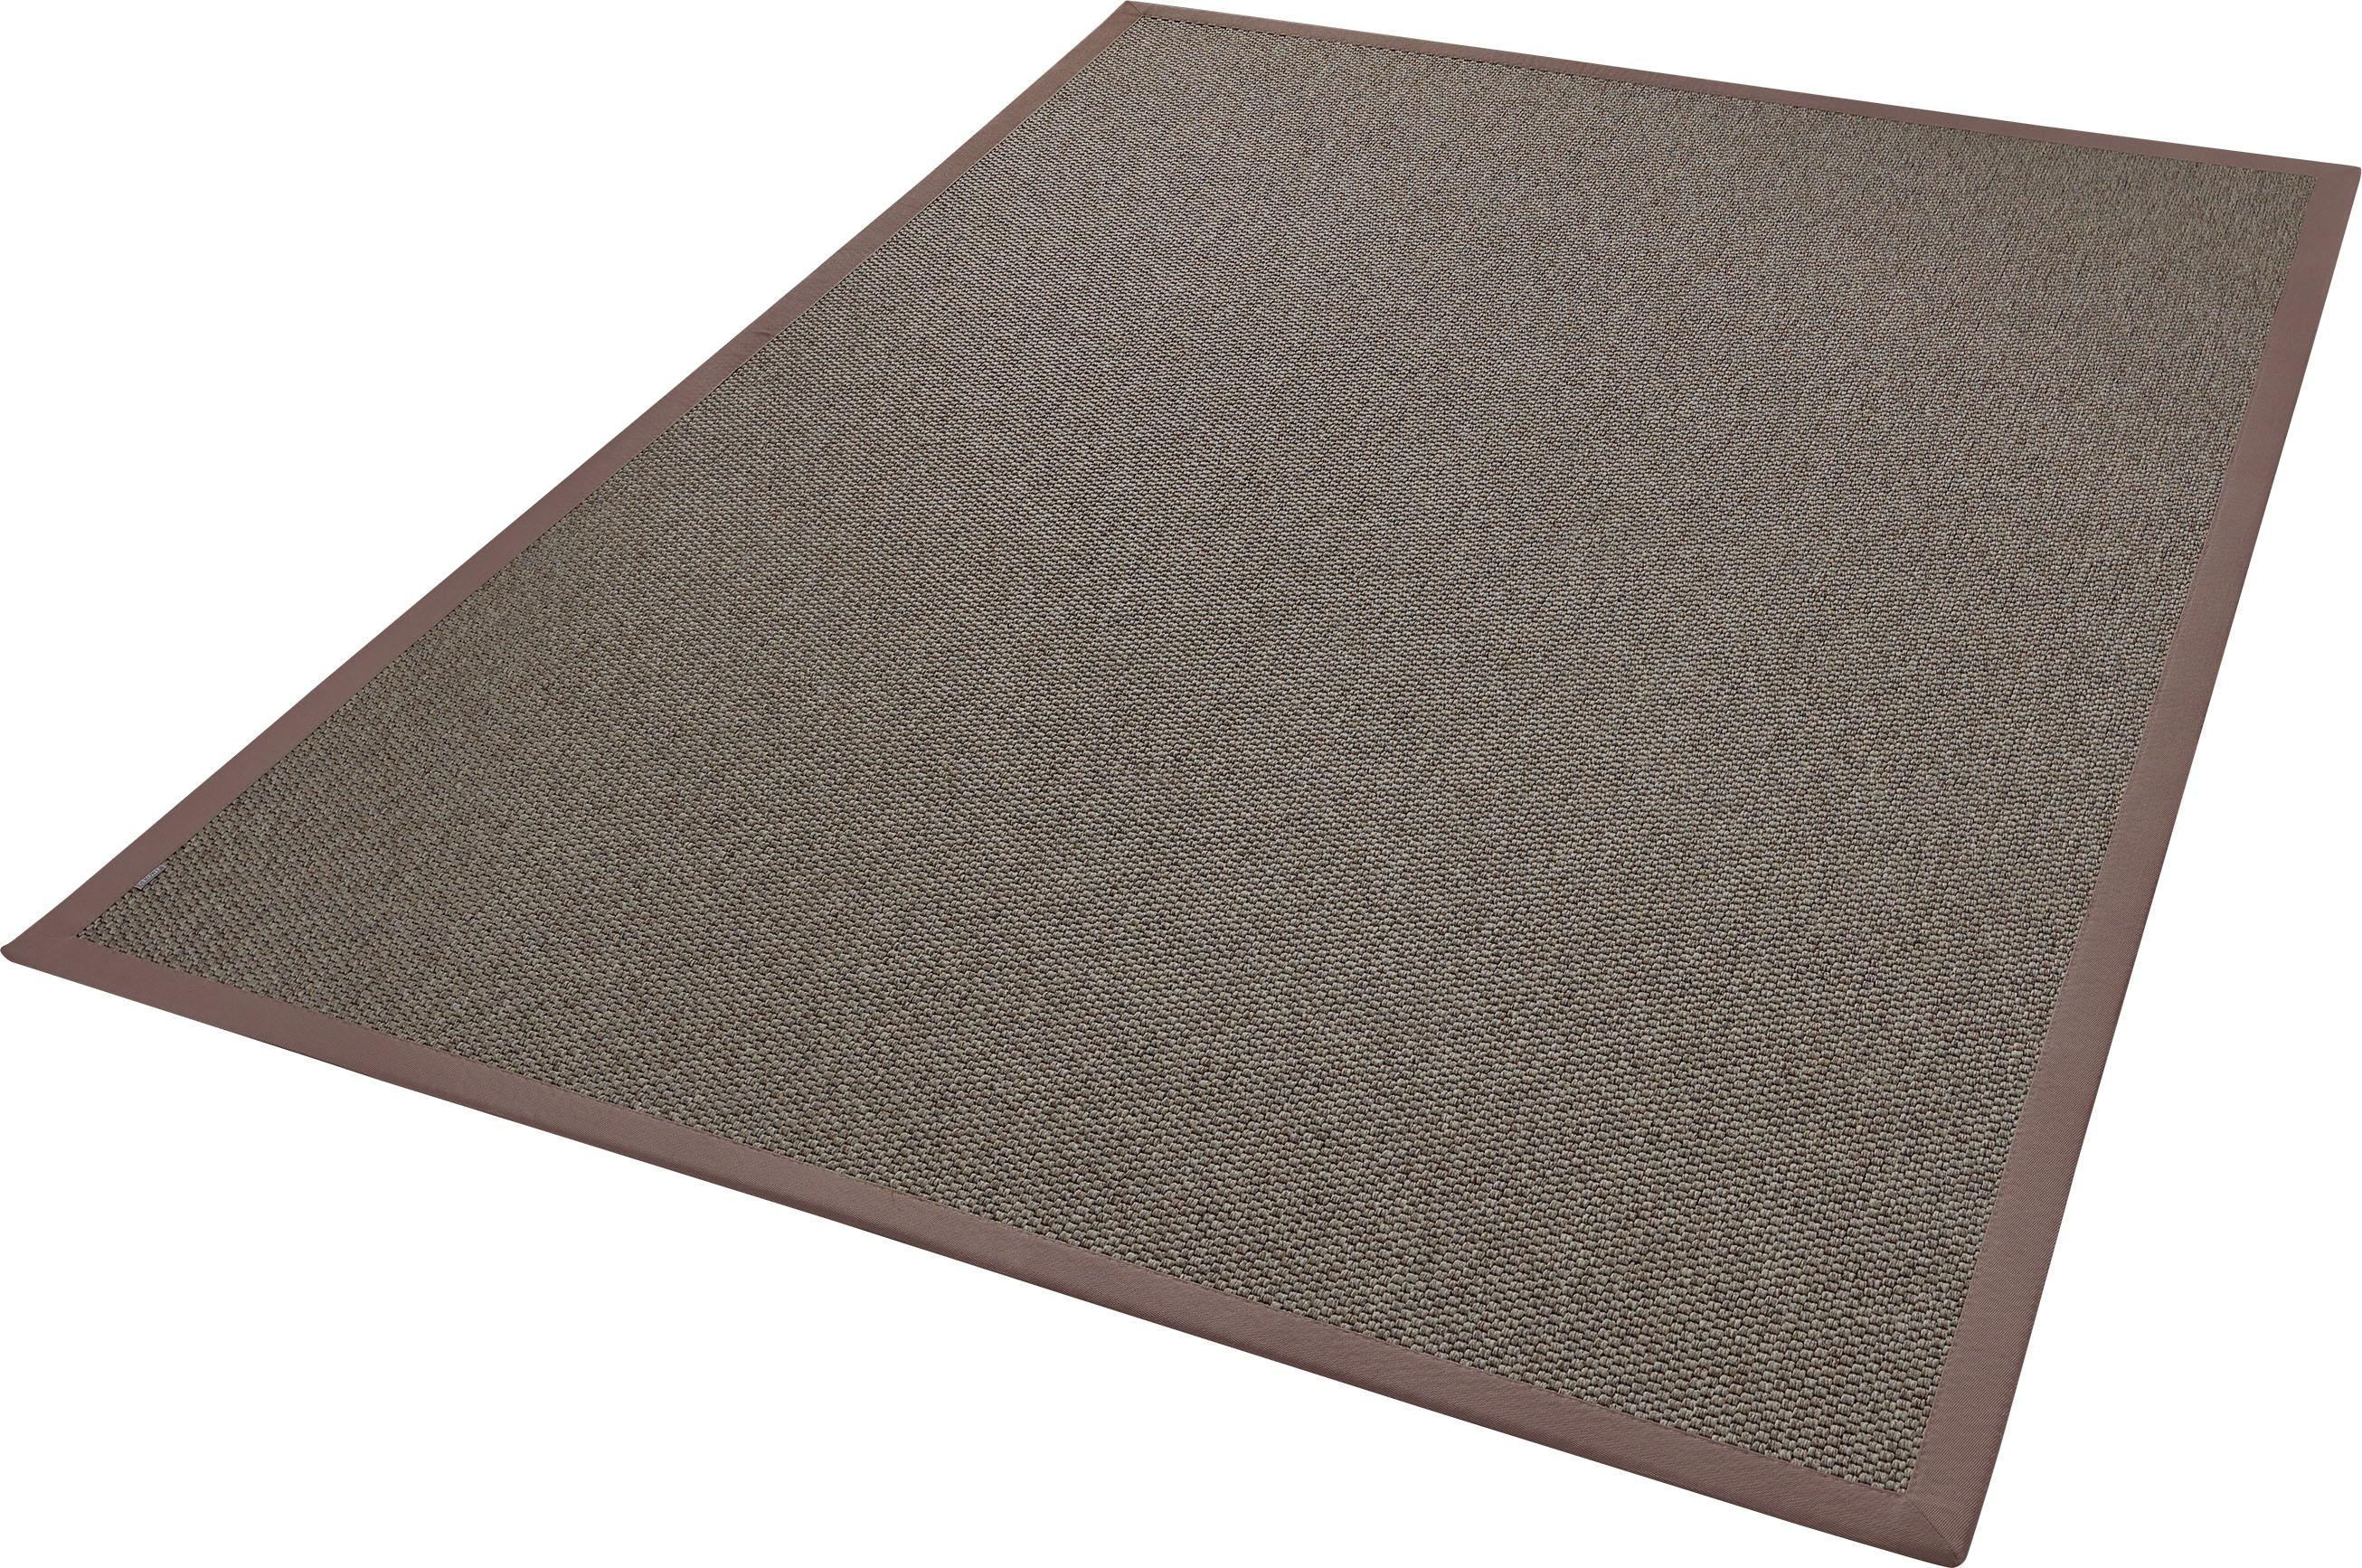 Teppich Naturana Panama Dekowe rechteckig Höhe 8 mm maschinell gewebt